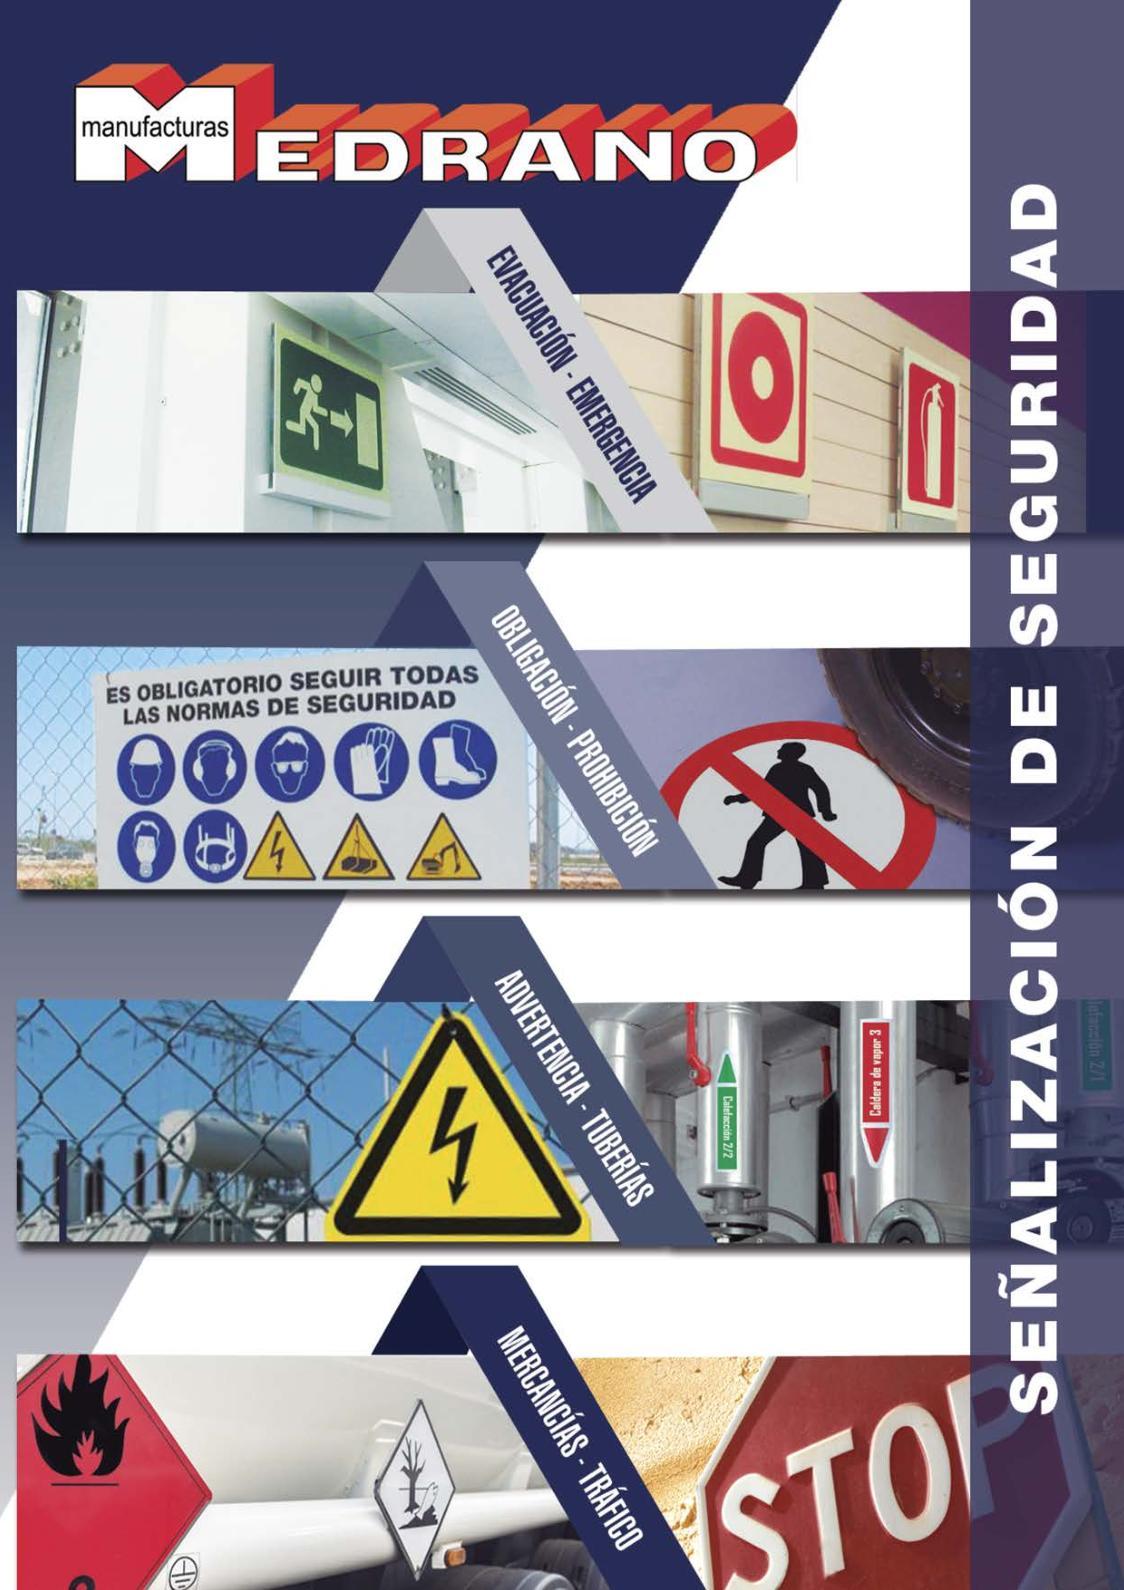 Calaméo - Catalogo Señalización 2018 e2fcb782738